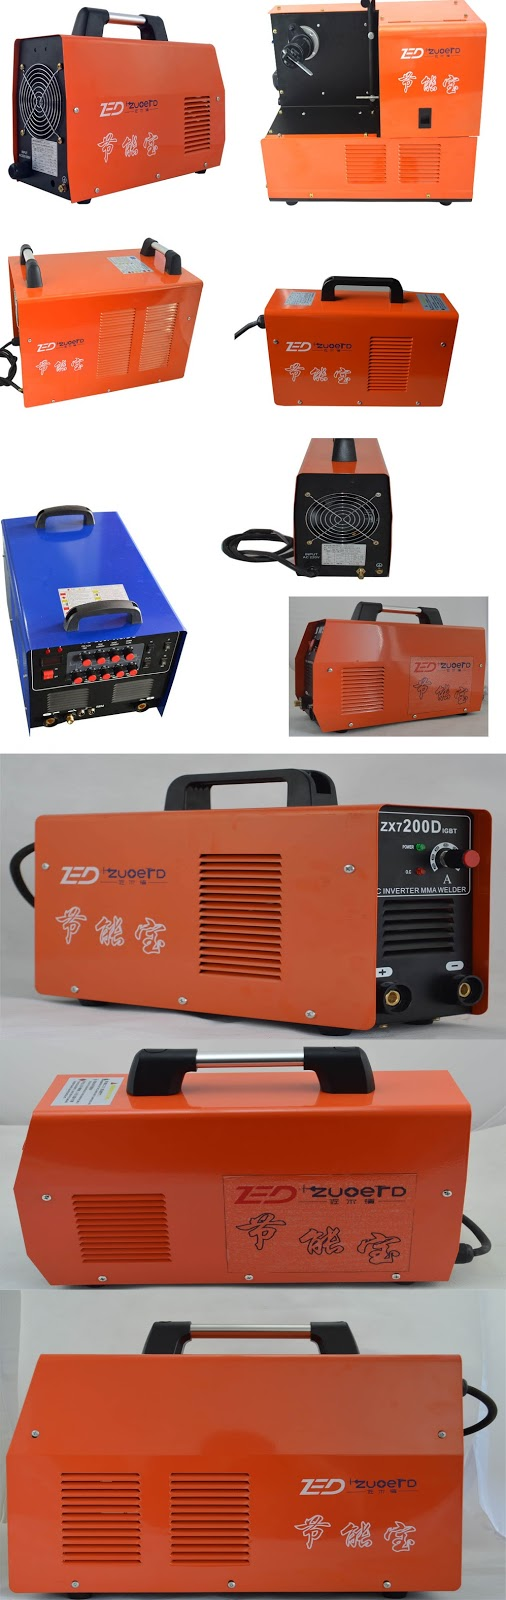 hight resolution of mos dc inverter tig welder igbt gas shielded welding machine mos inverter air plasma cutting